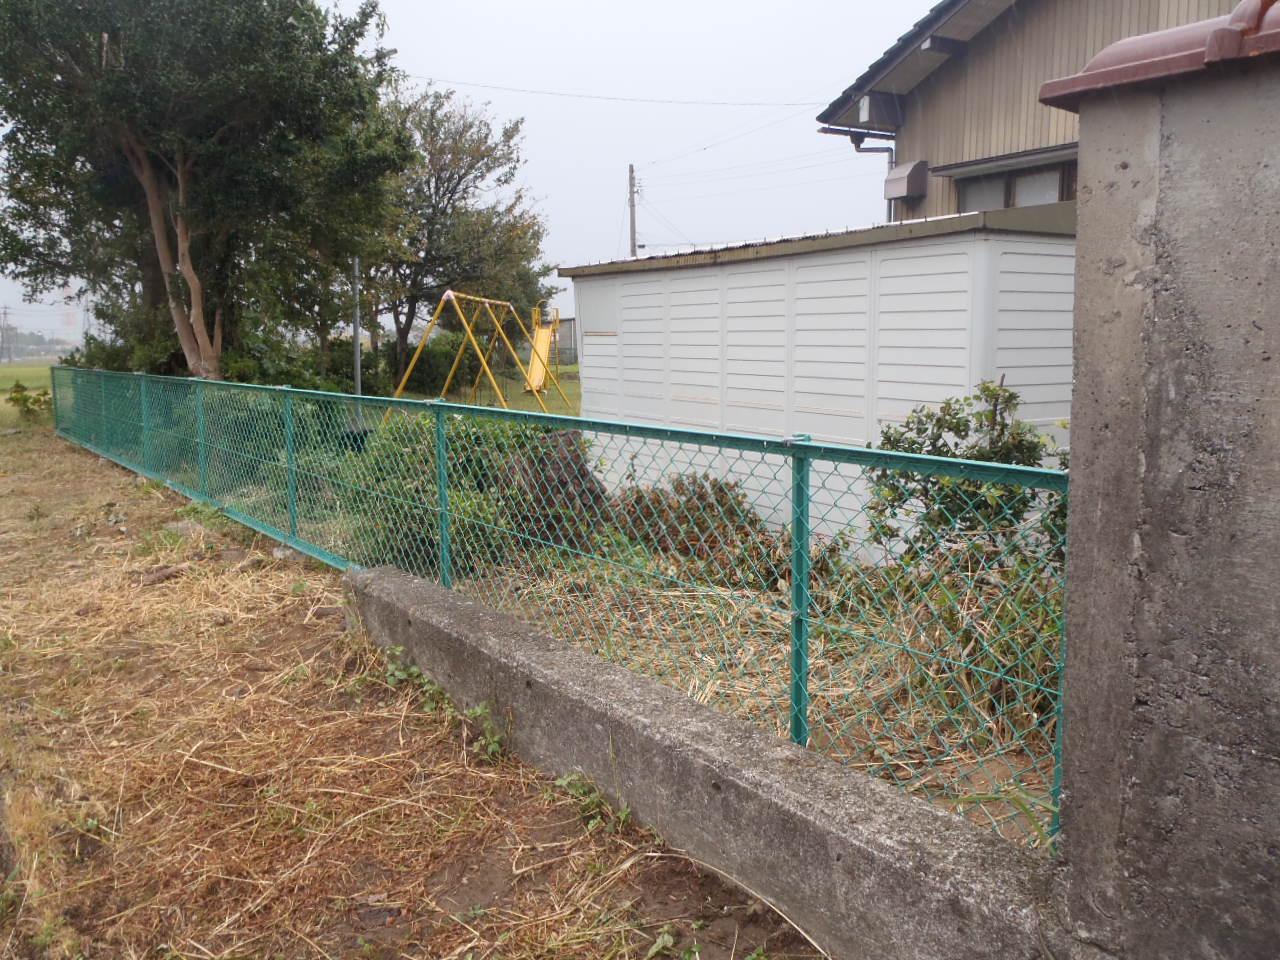 防護柵・防止柵(ガードレール・フェンス) 施工事例24